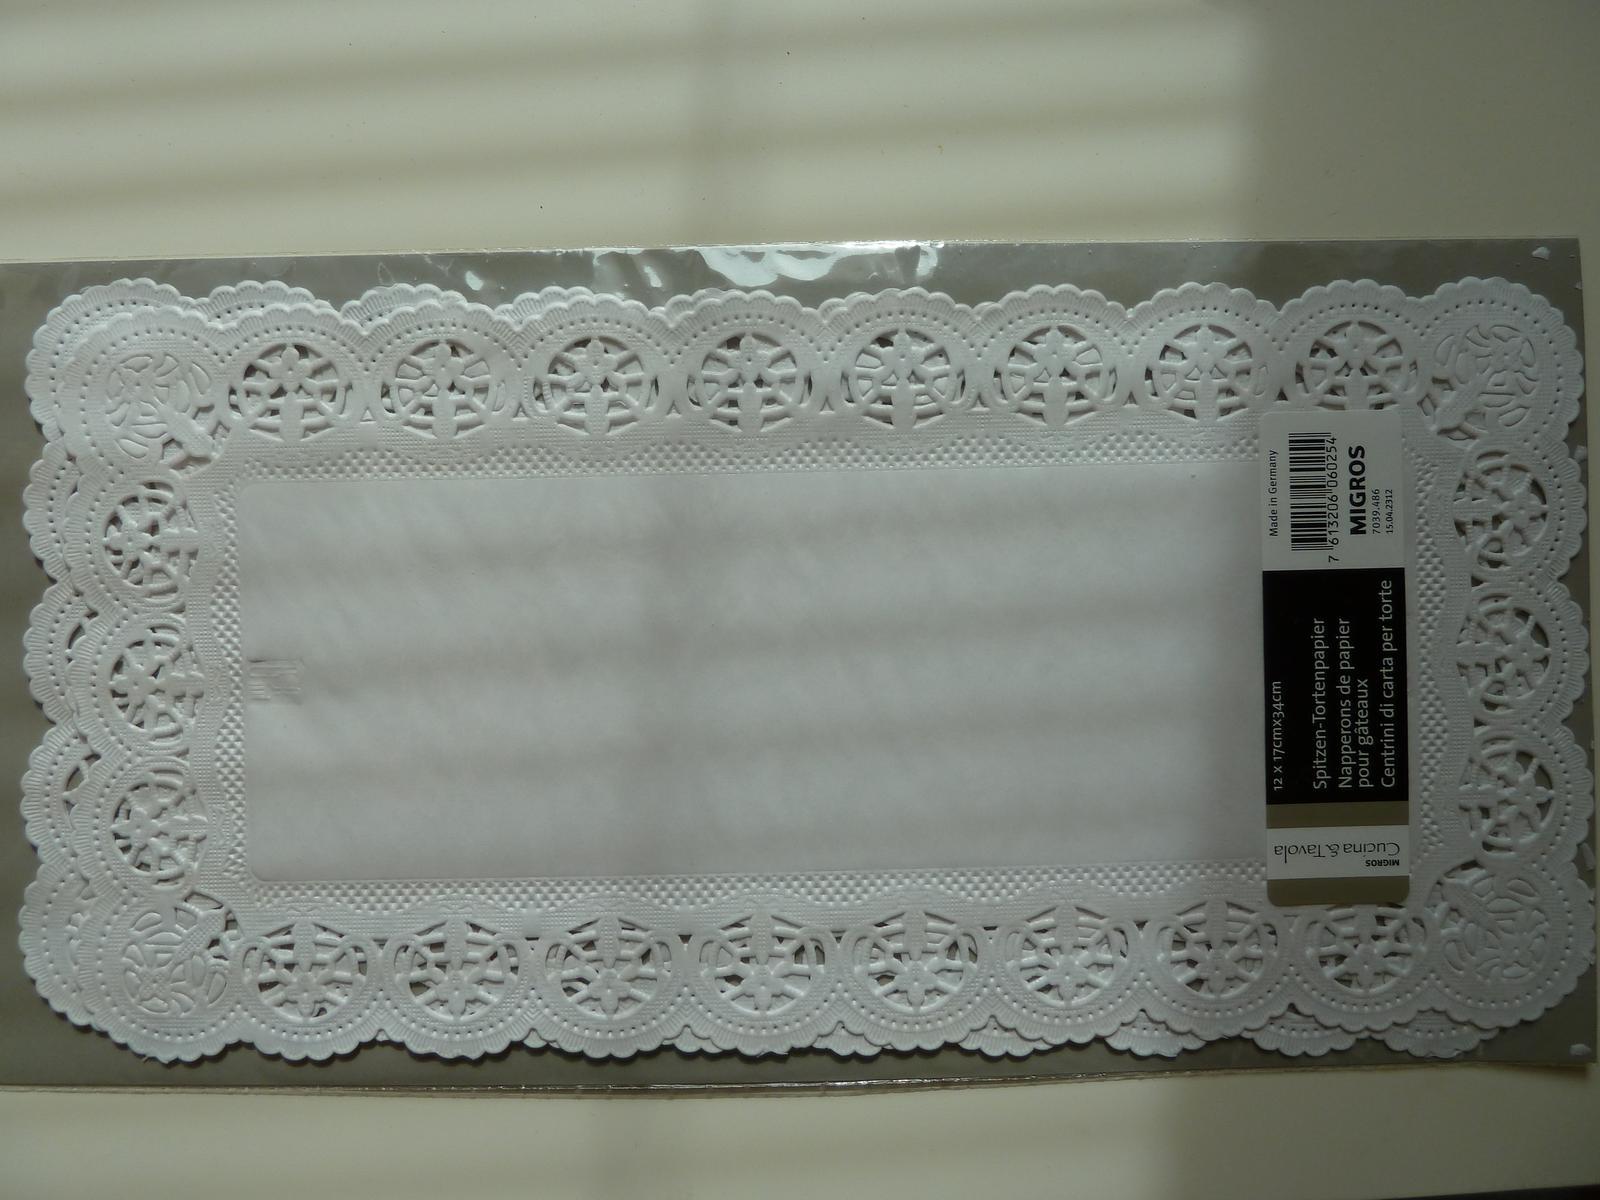 Papírová krajka pod dort - obdélník - Obrázek č. 1